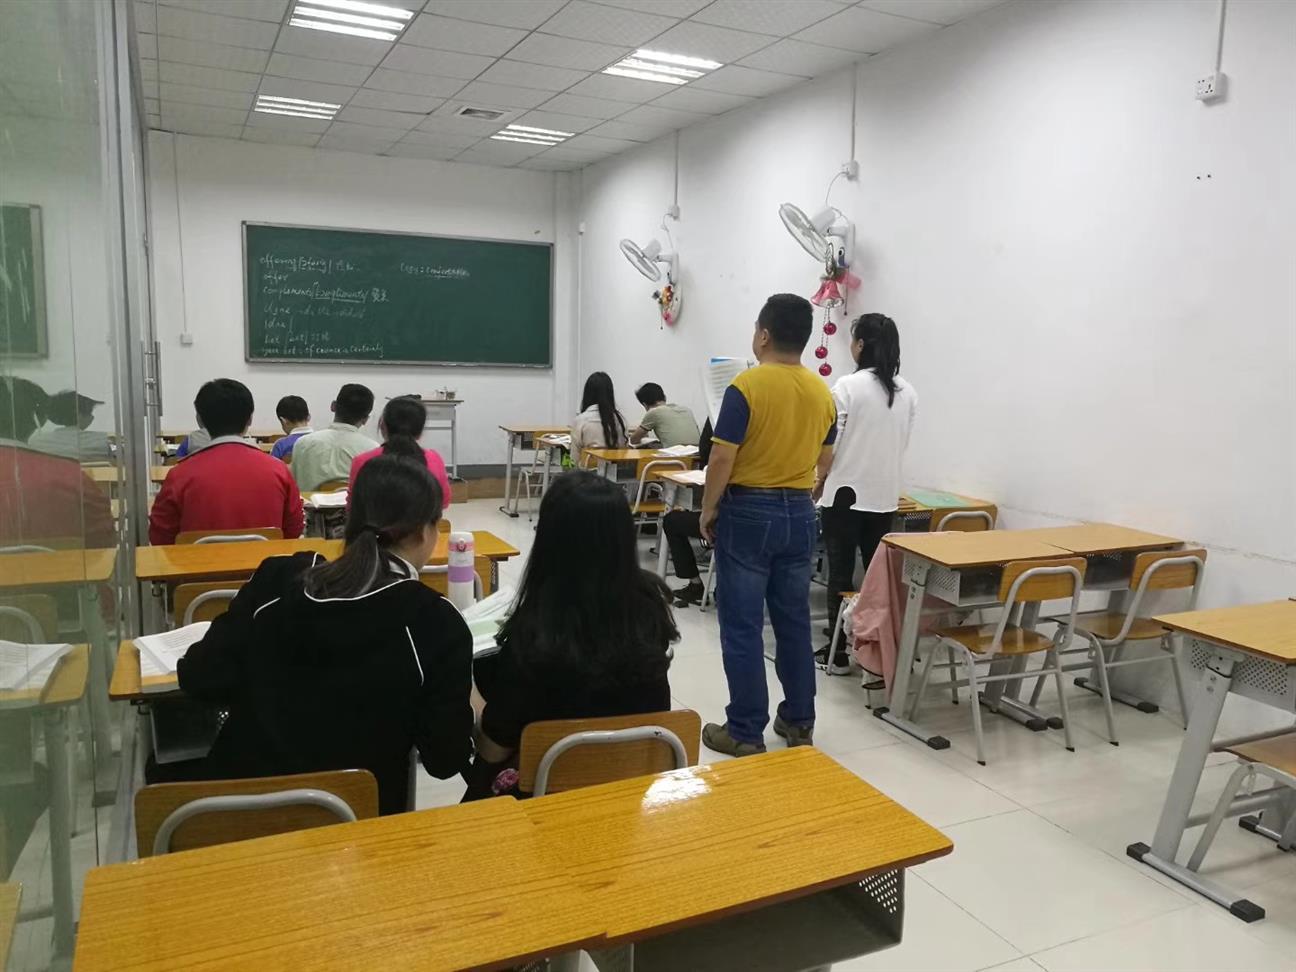 章阁深圳东方英语培训班